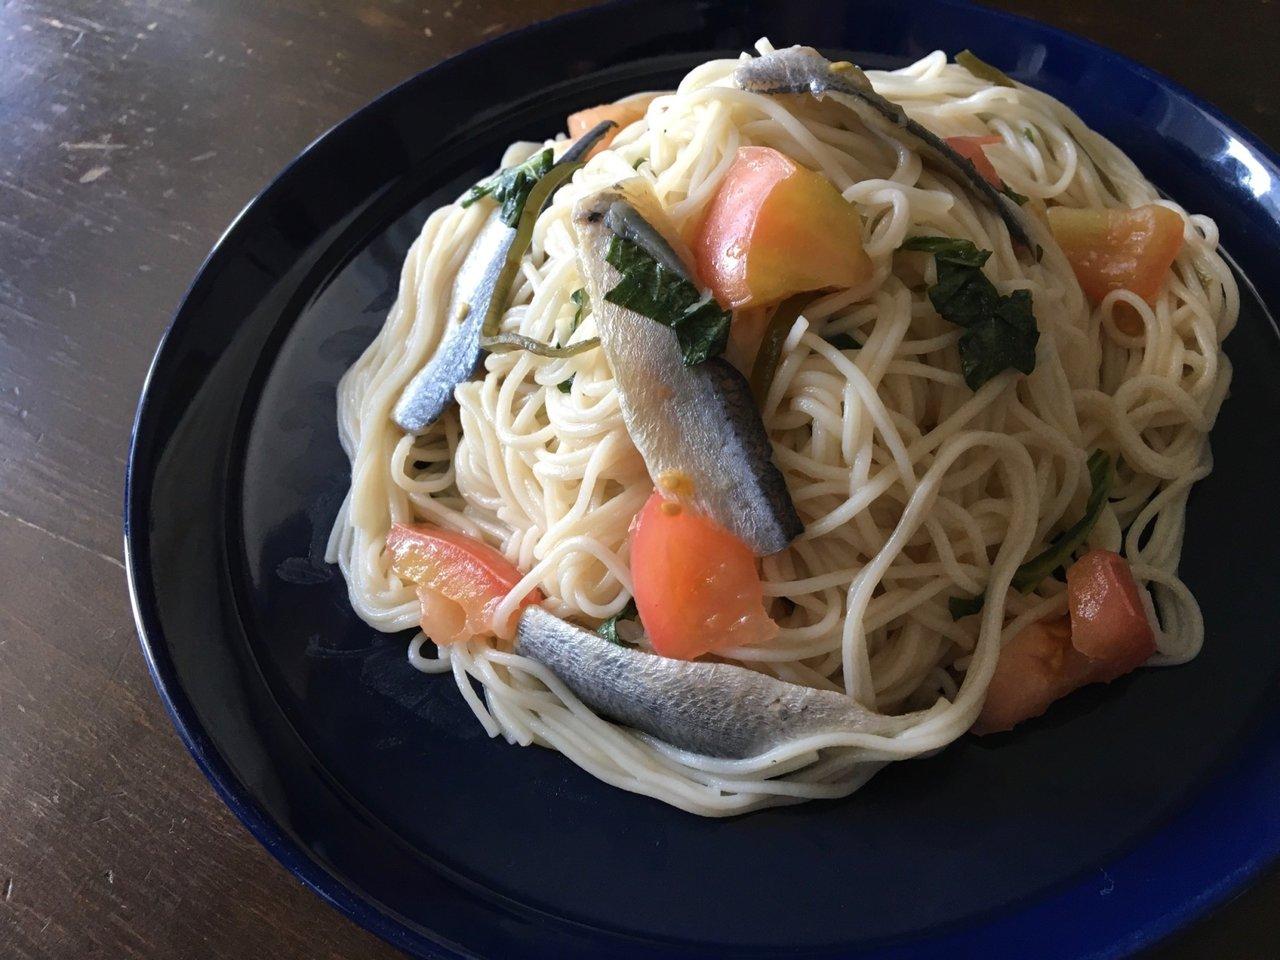 余ったそうめんや野菜と和えるだけ!岡山の郷土料理「ままかり」の冷製パスタ